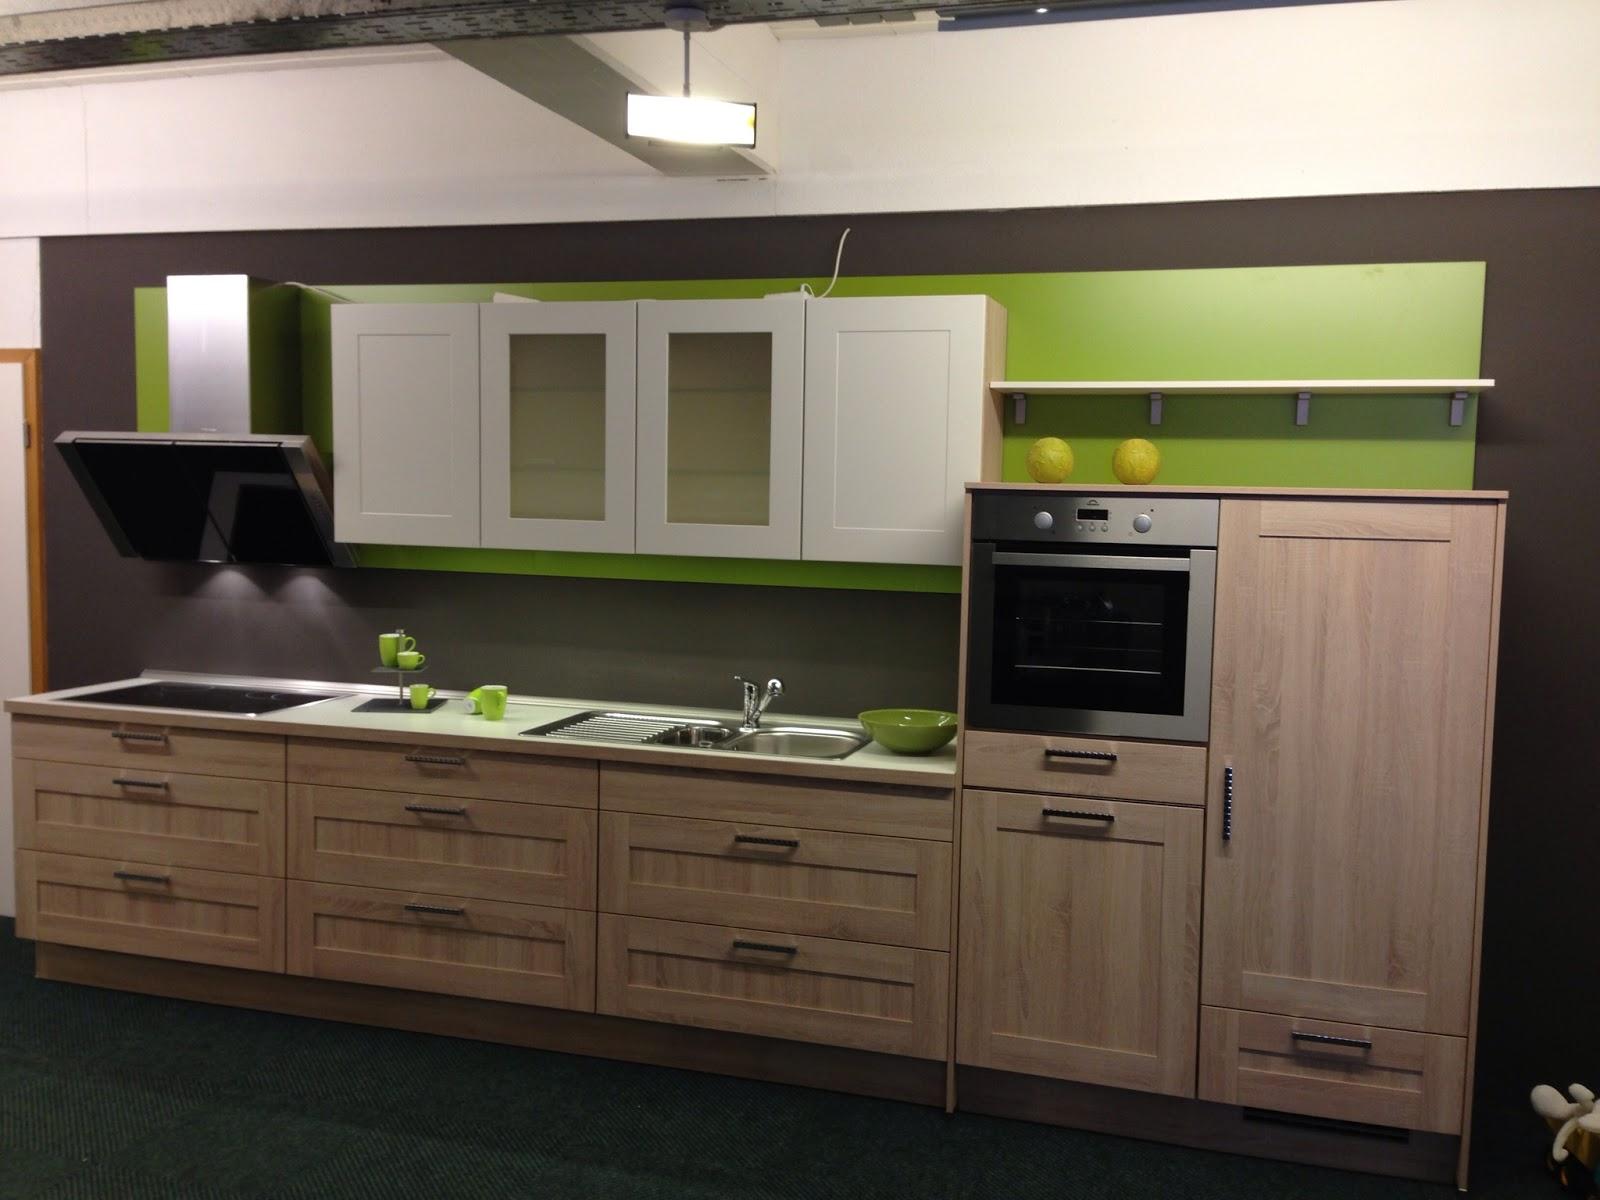 k chen galerie sande jetzt wird 39 s bunt. Black Bedroom Furniture Sets. Home Design Ideas